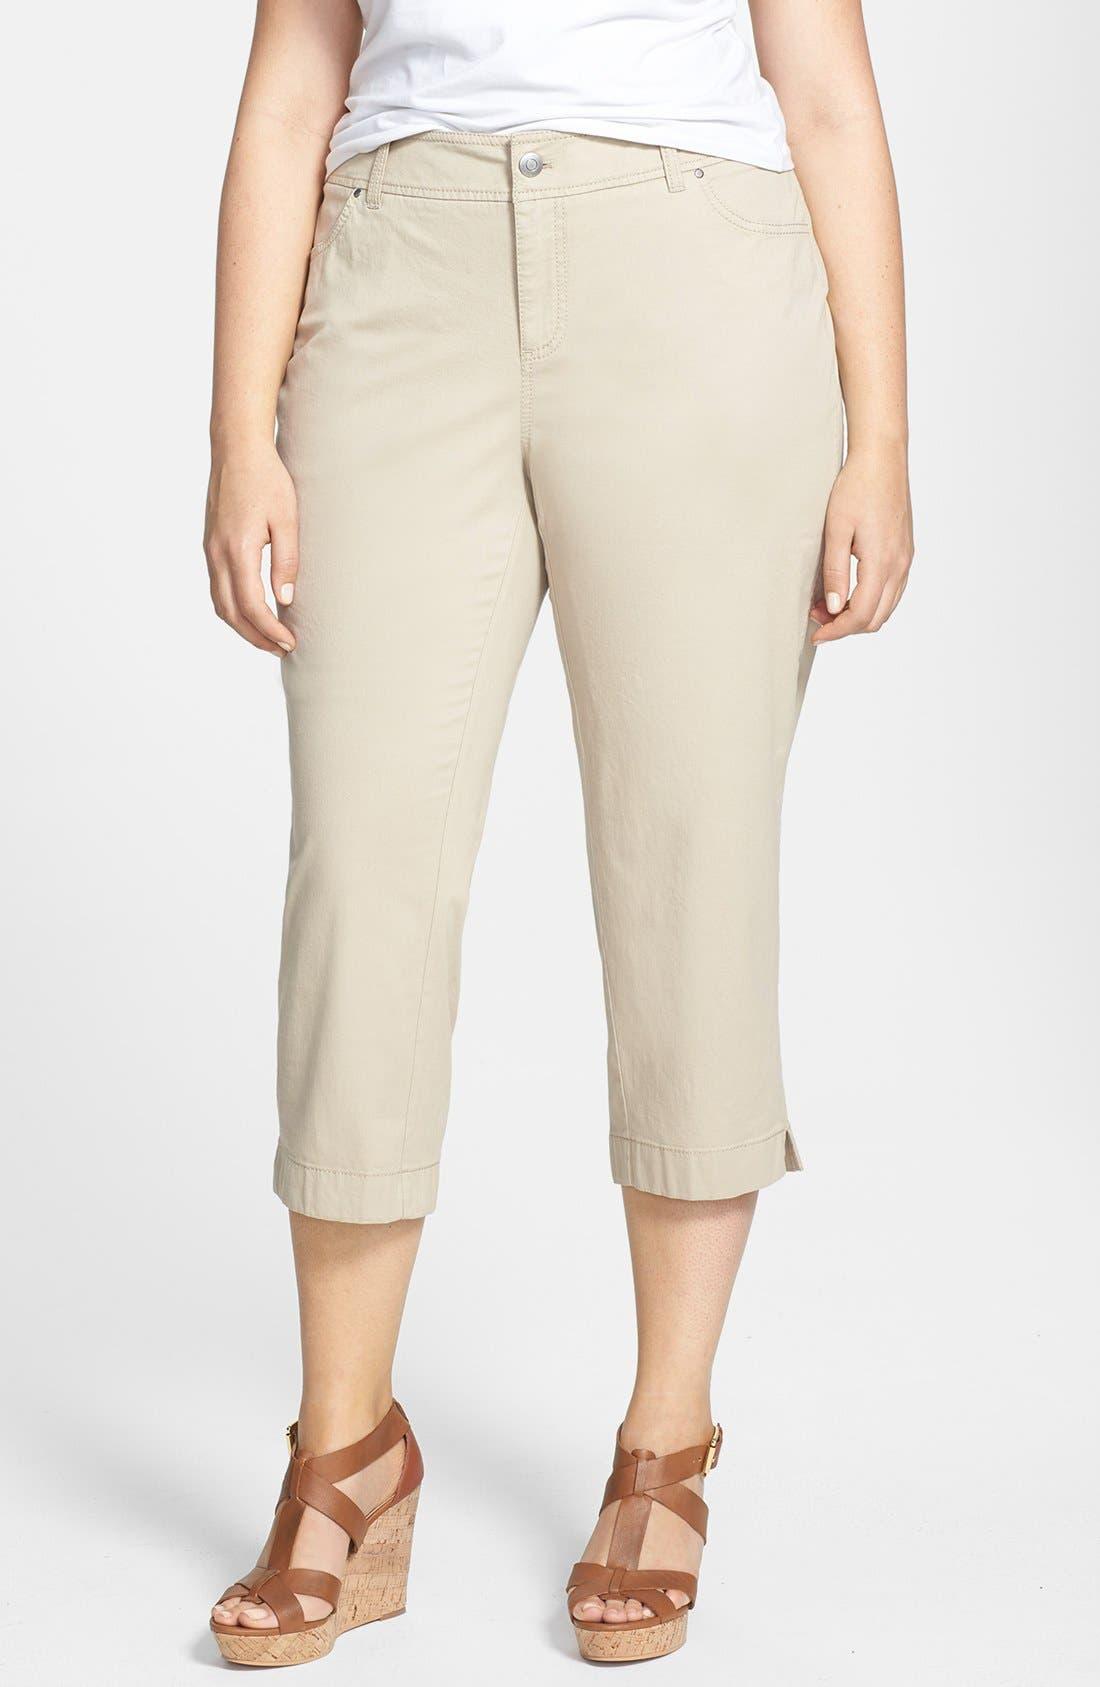 Alternate Image 1 Selected - Sejour 'Megan' Stretch Cotton Crop Pants (Plus Size)